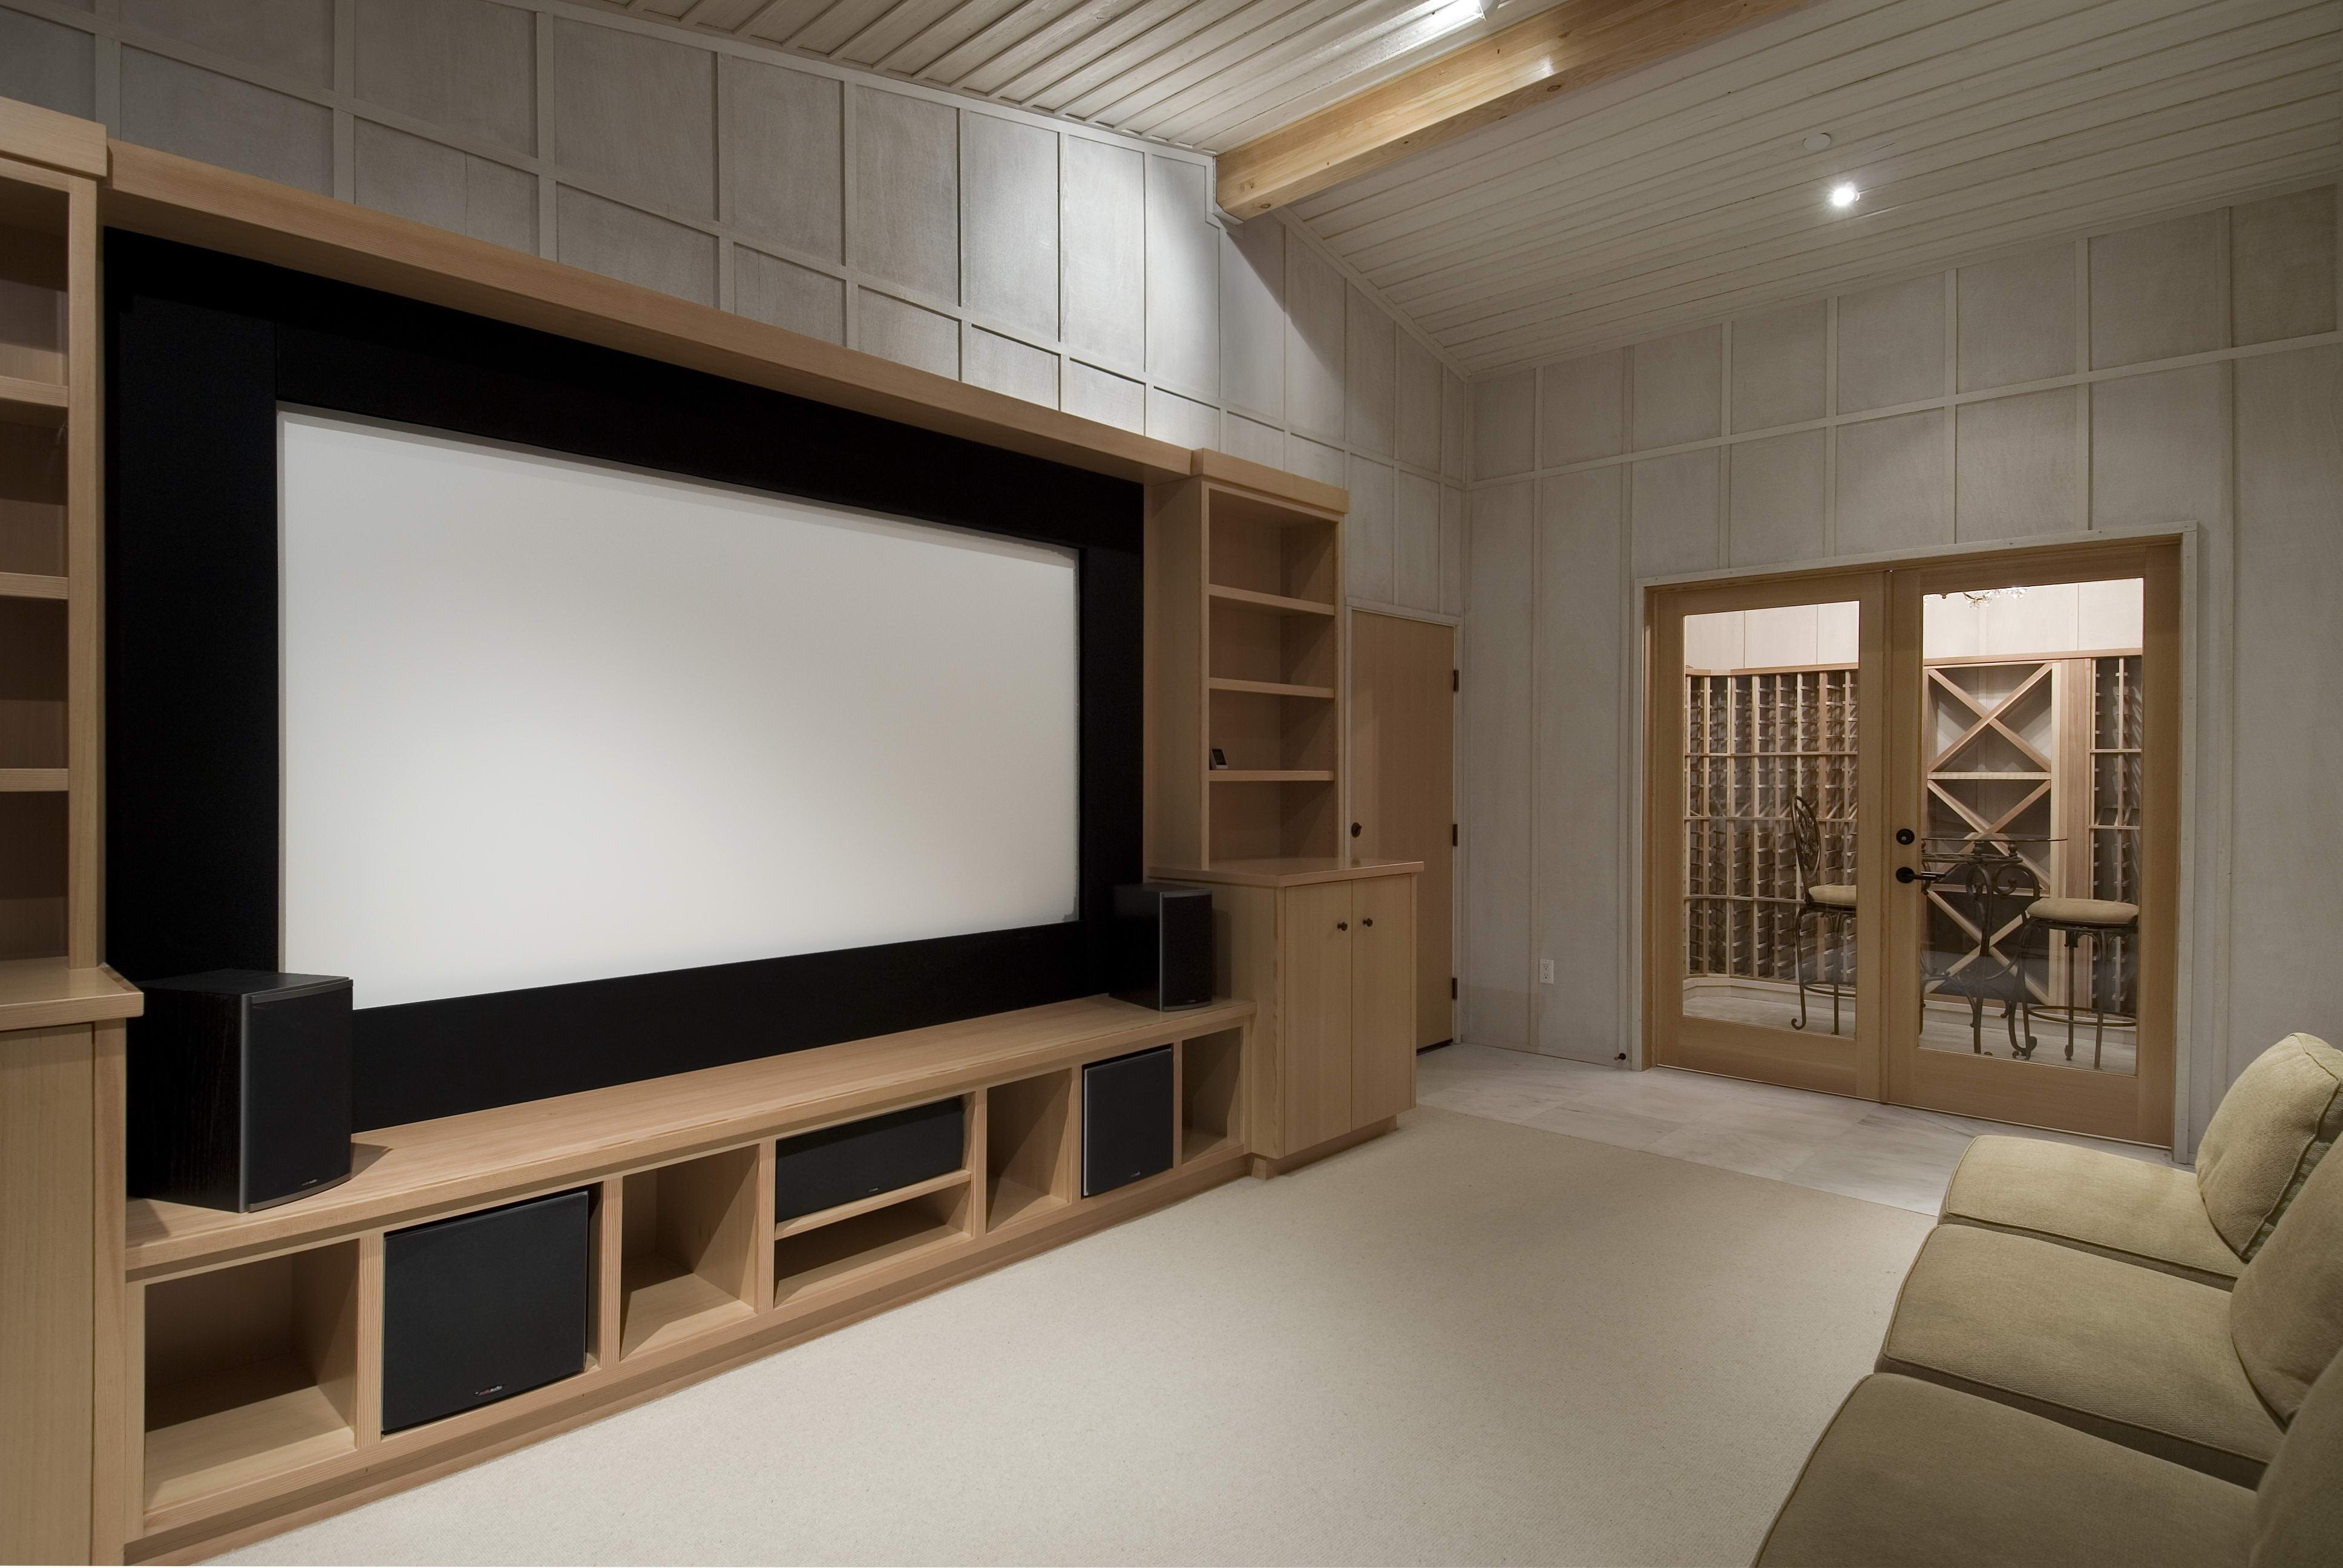 Fondos de pantalla : cine en casa, mueble, interior 3872x2592 ...